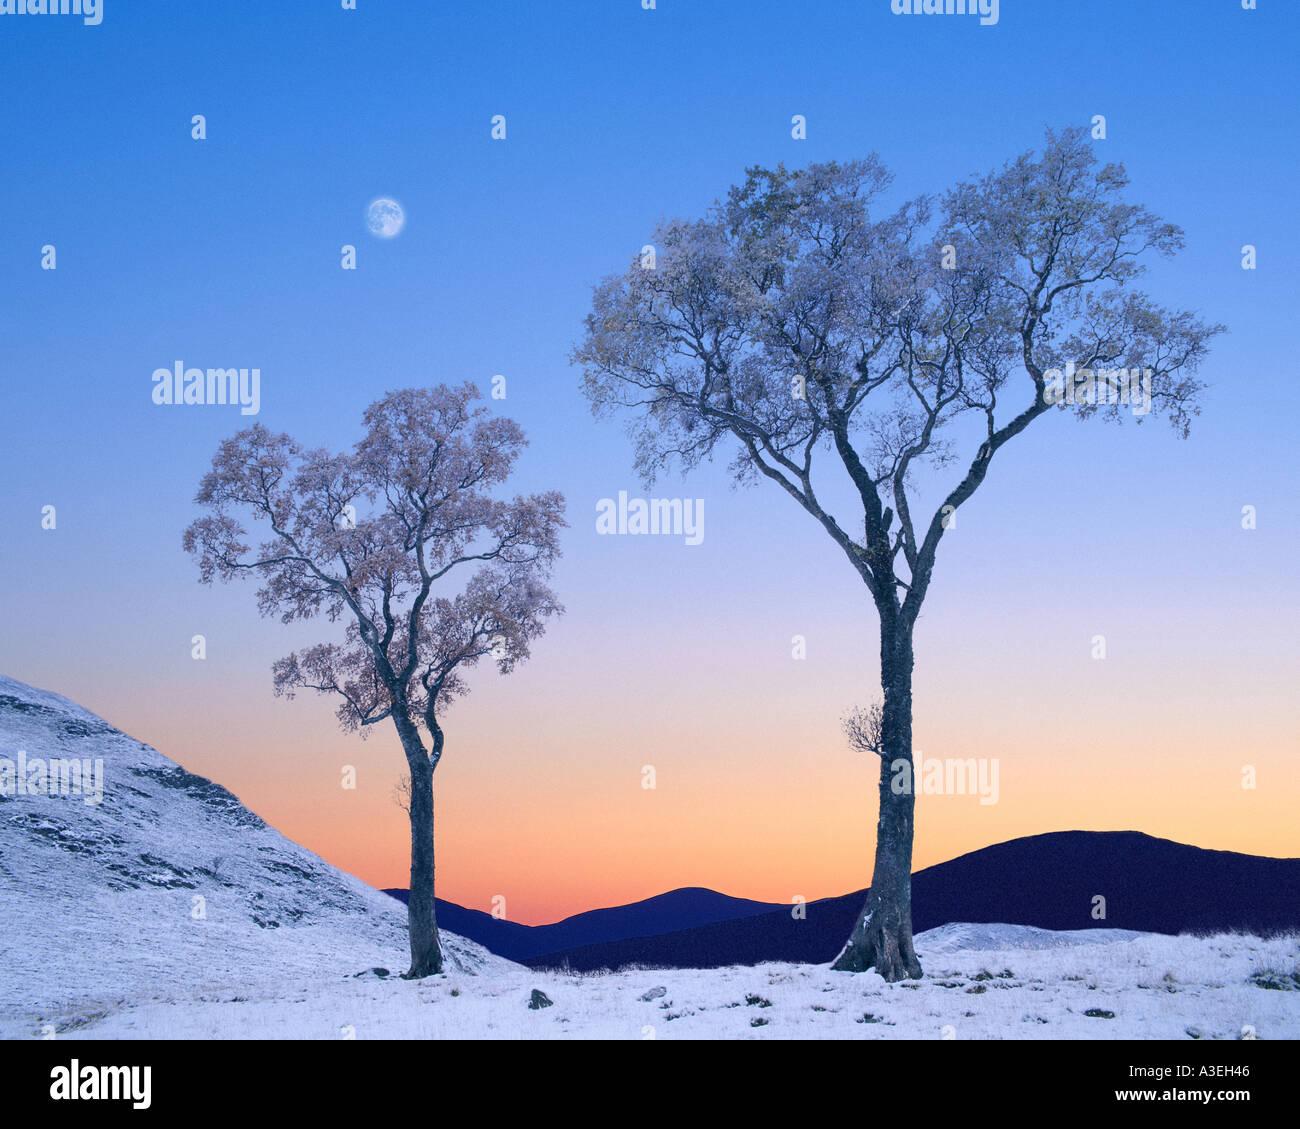 GB - Escocia: Invierno en Glen Lochsie Imagen De Stock